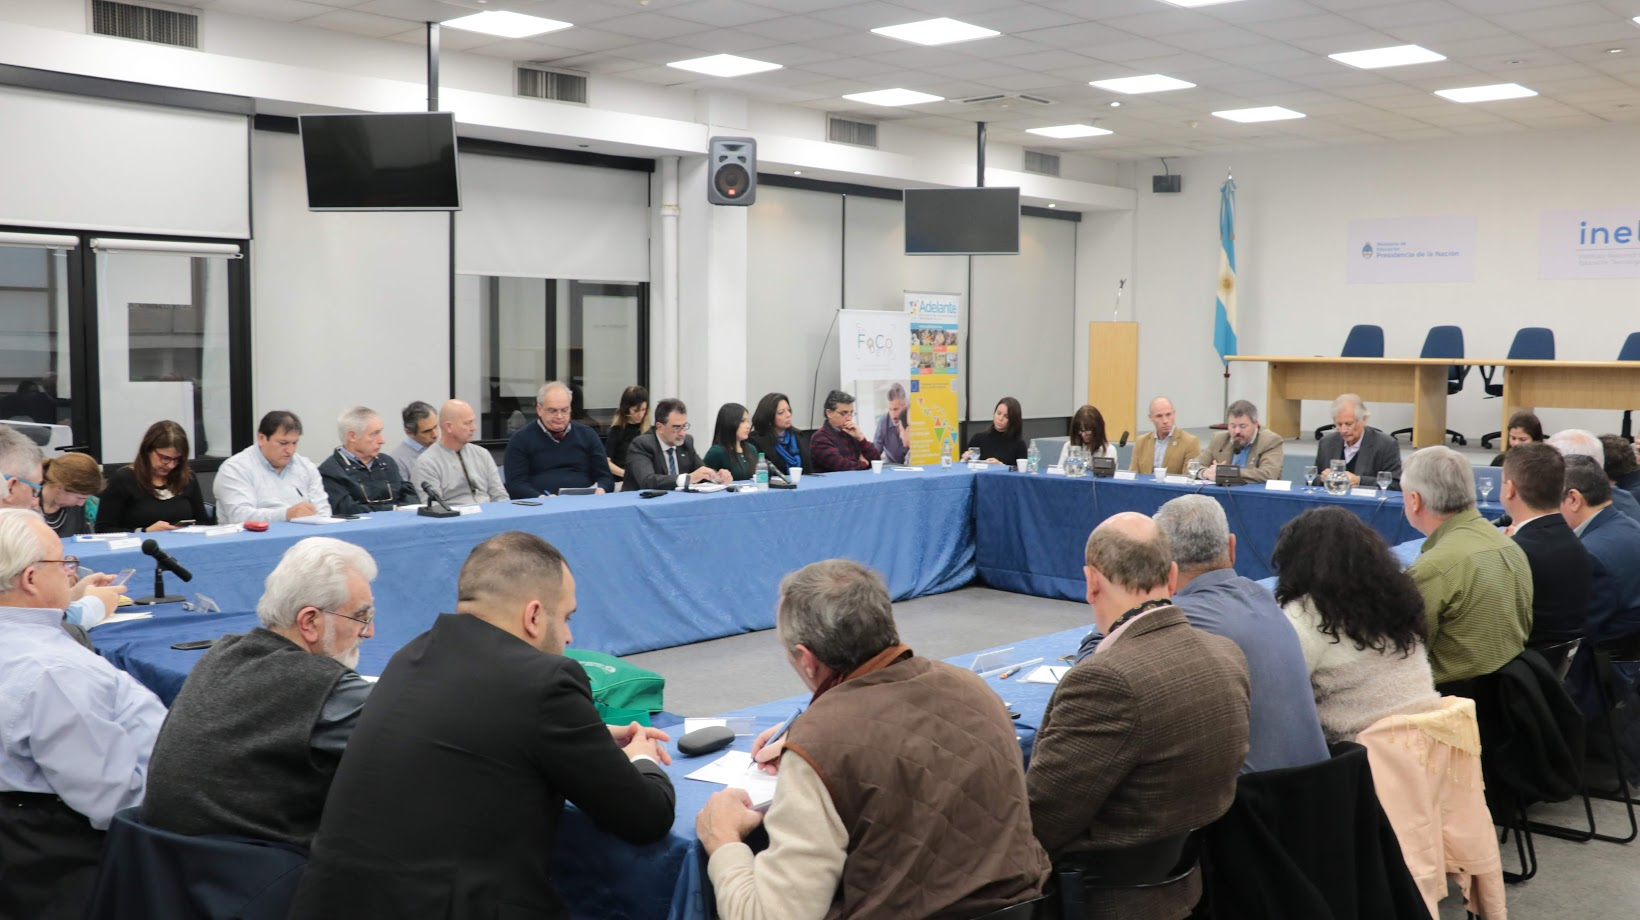 Los representantes provinciales discuten sobre el fomento de las competencias transversales y socioemocionales en la educación técnico profesional.